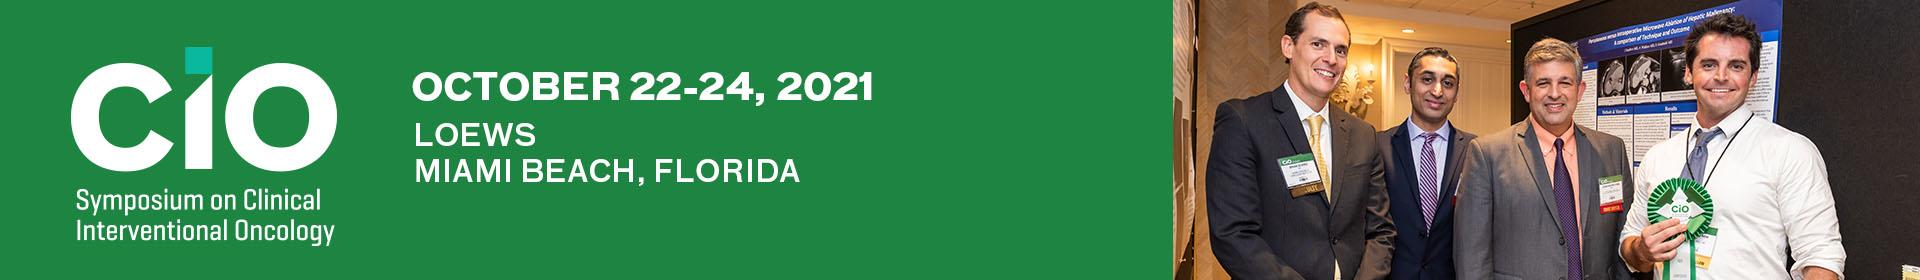 CIO 2021 Event Banner